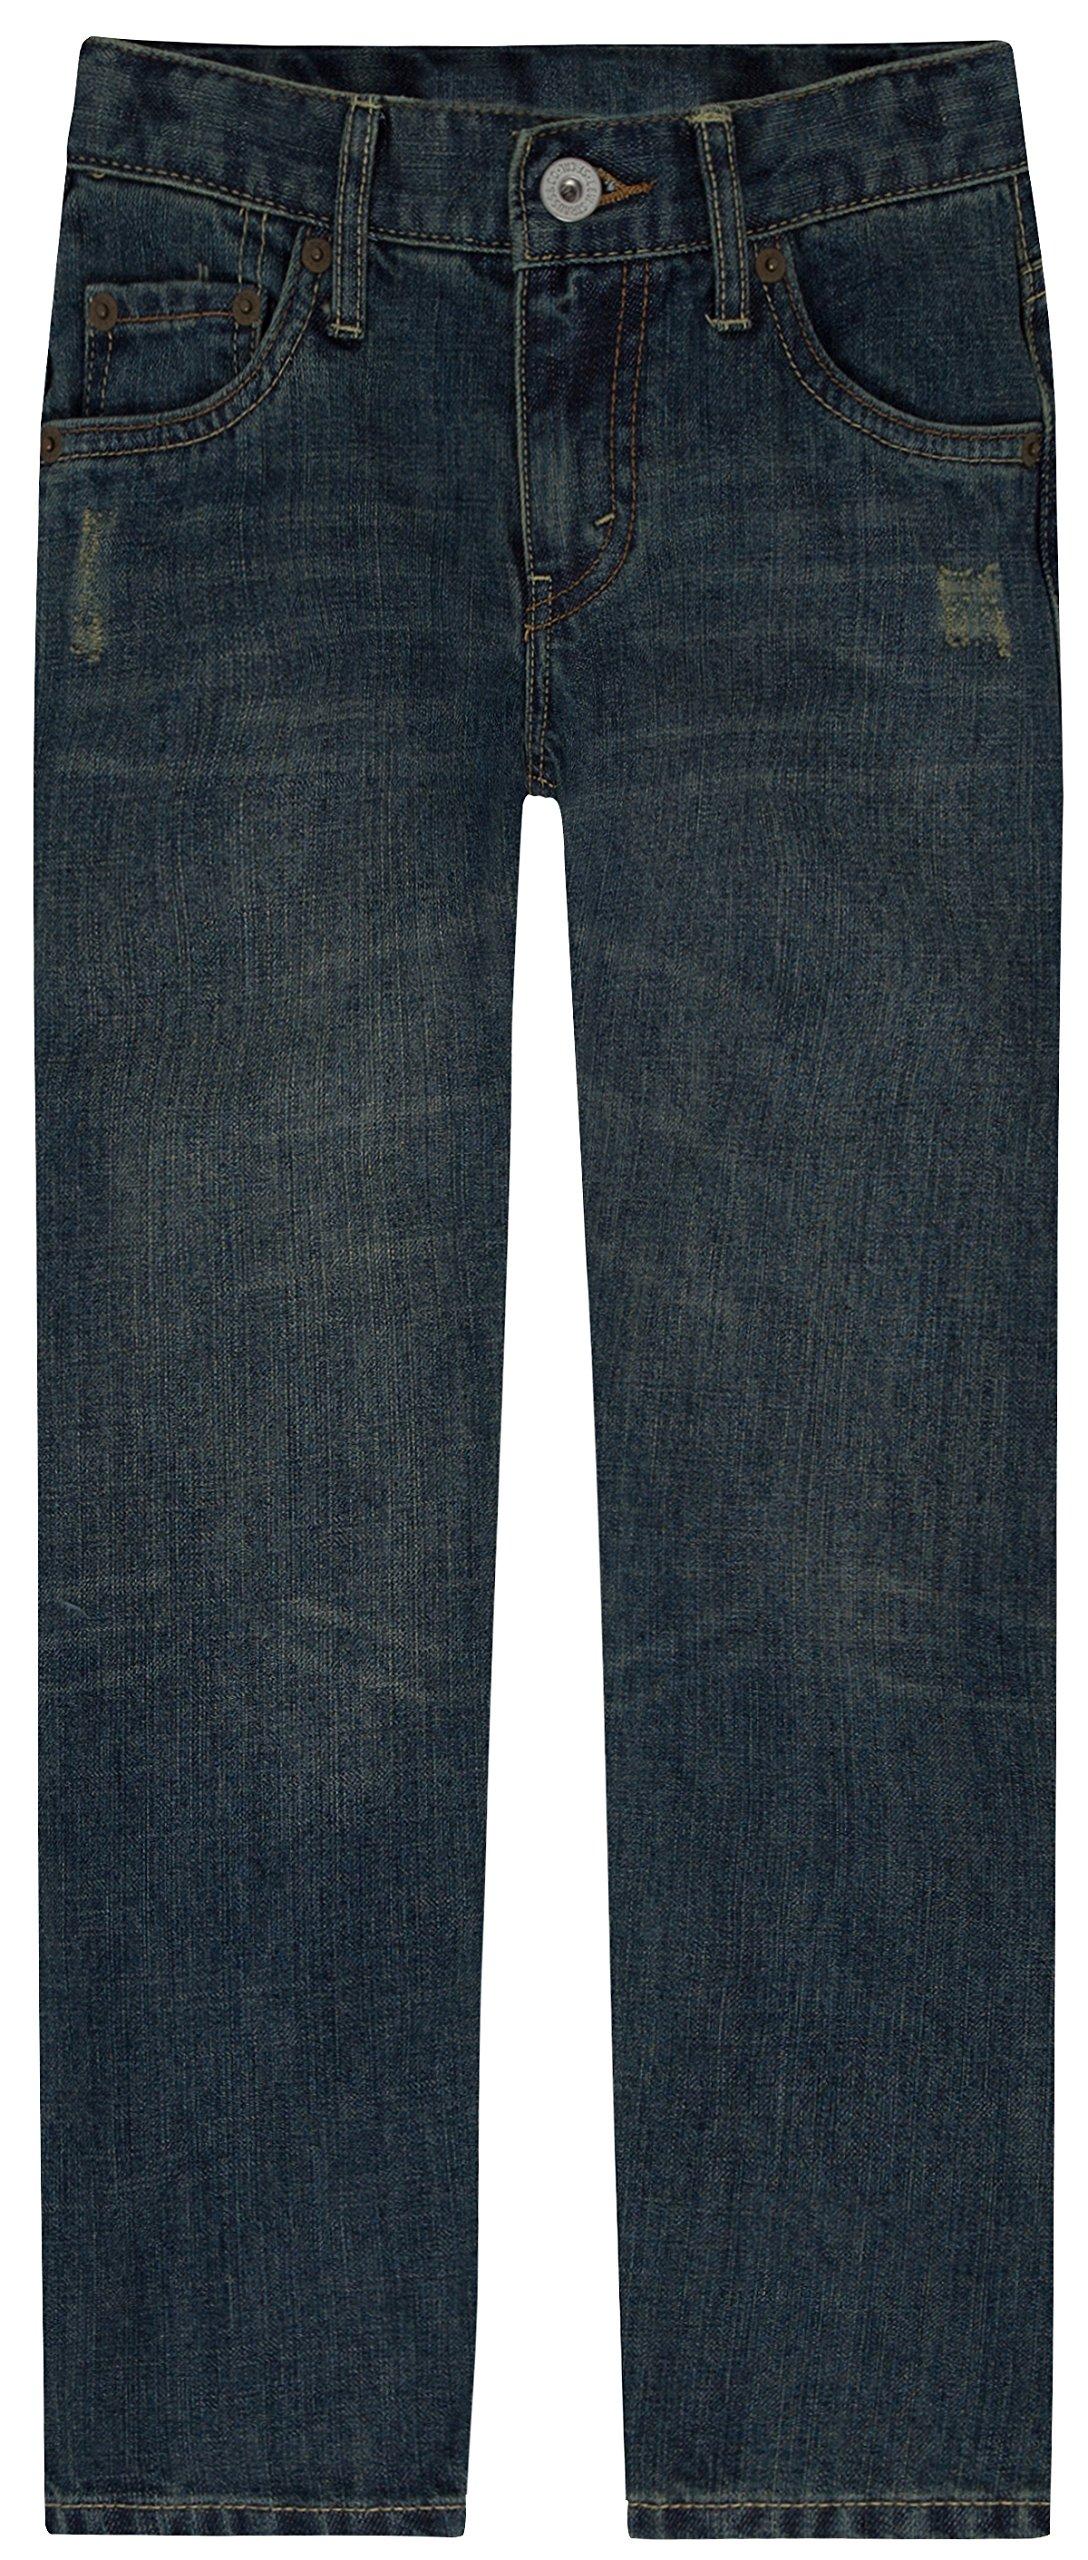 Levi's Boys' Big 514 Straight Fit Jeans, Atlas, 10 Husky by Levi's